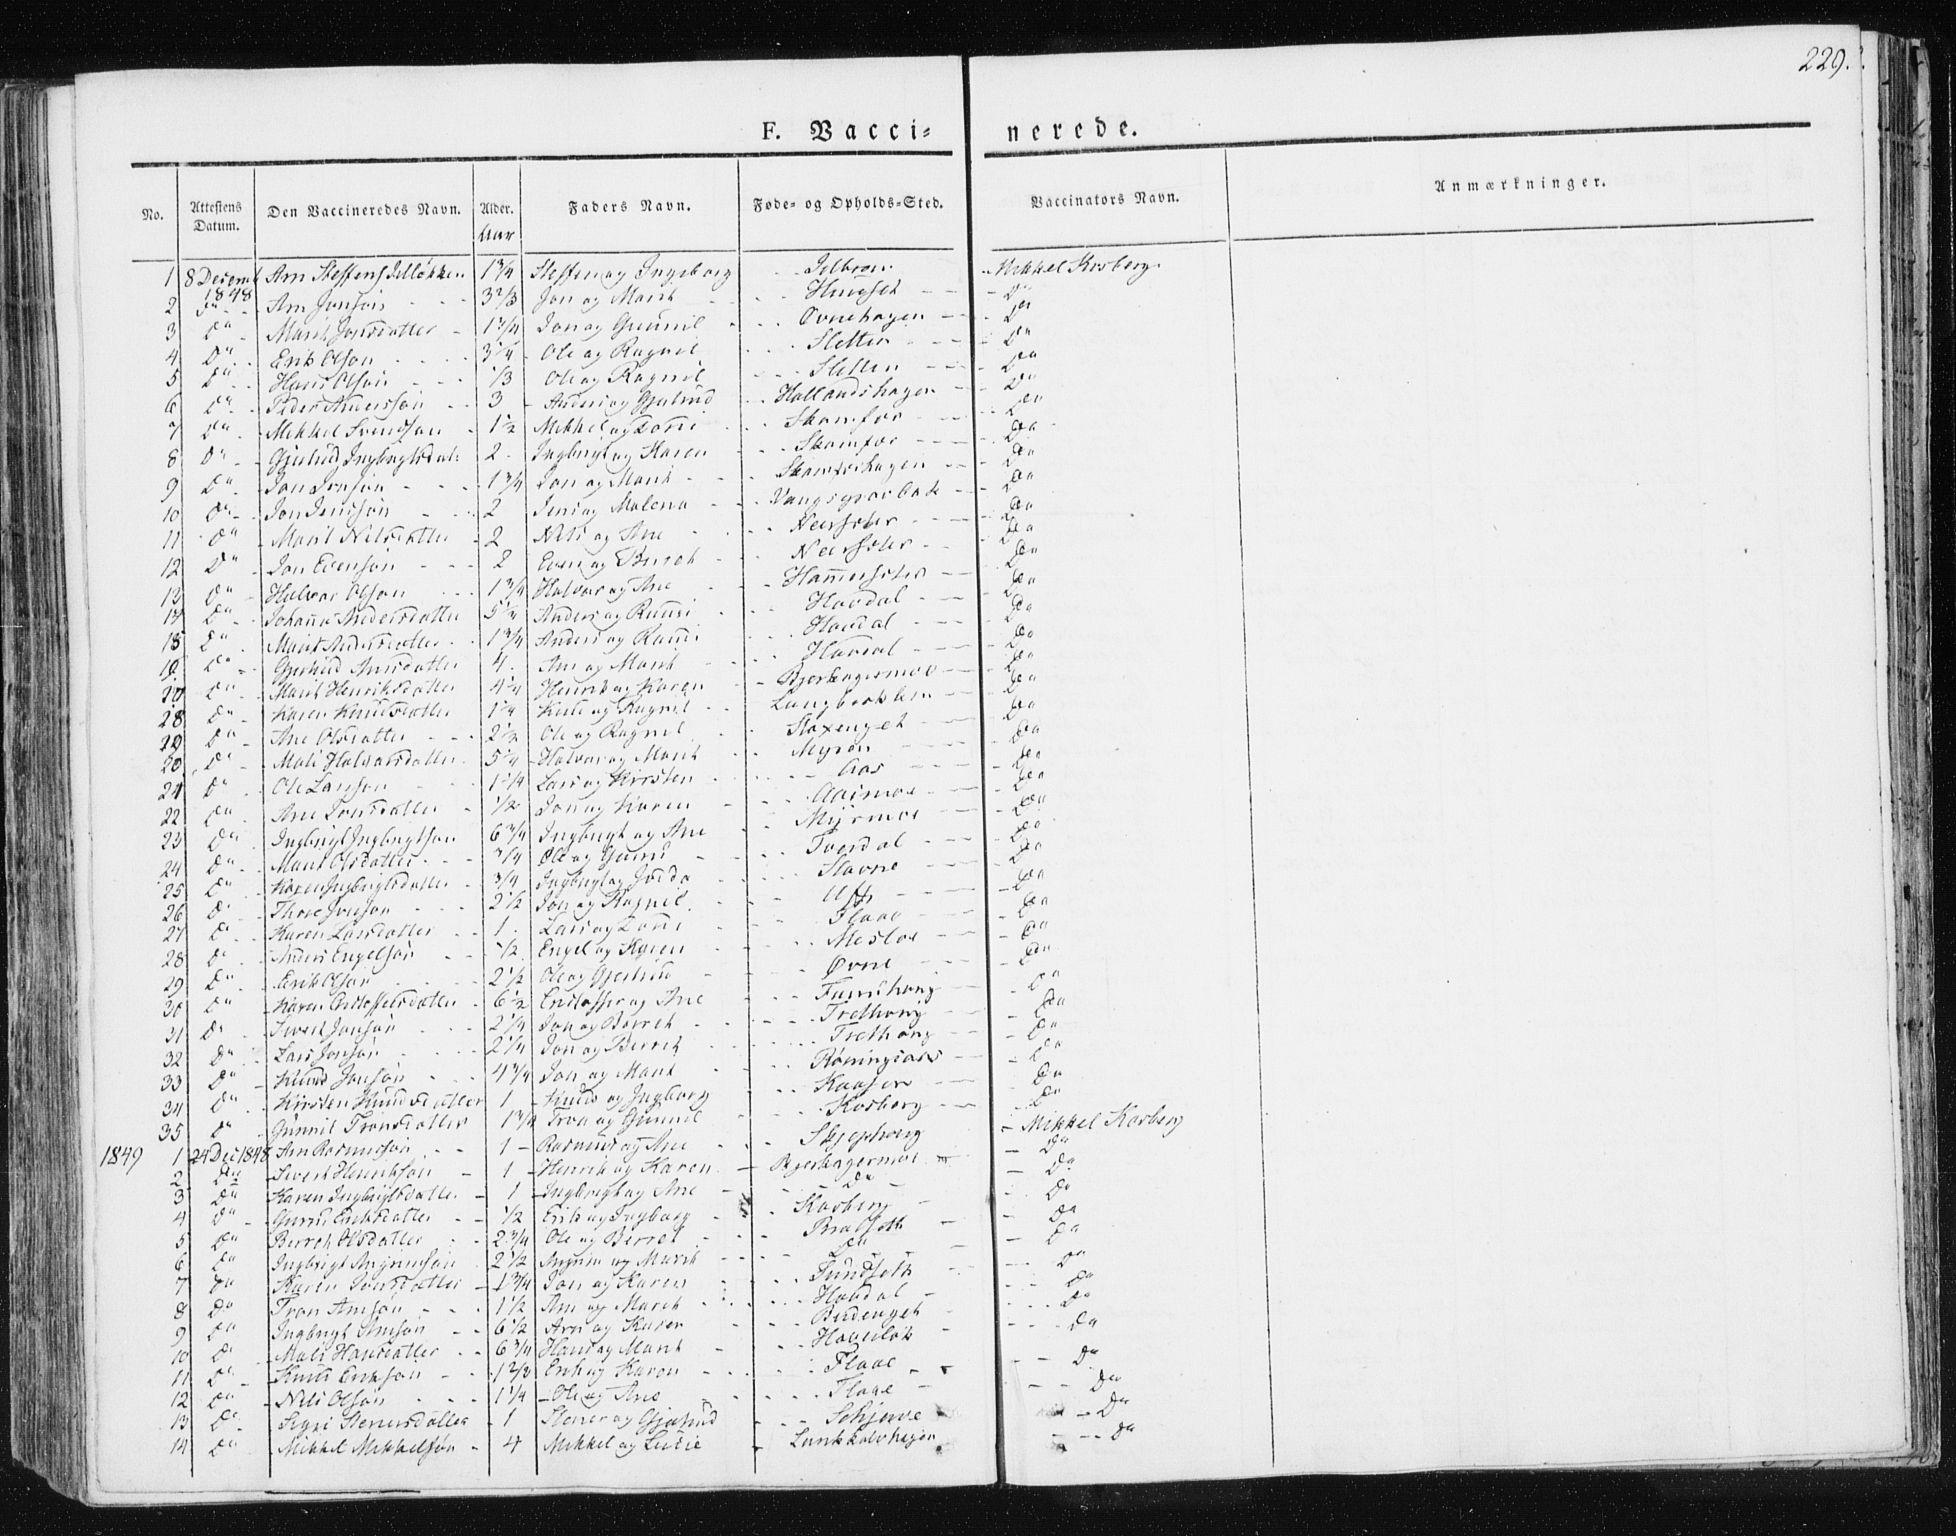 SAT, Ministerialprotokoller, klokkerbøker og fødselsregistre - Sør-Trøndelag, 674/L0869: Ministerialbok nr. 674A01, 1829-1860, s. 229